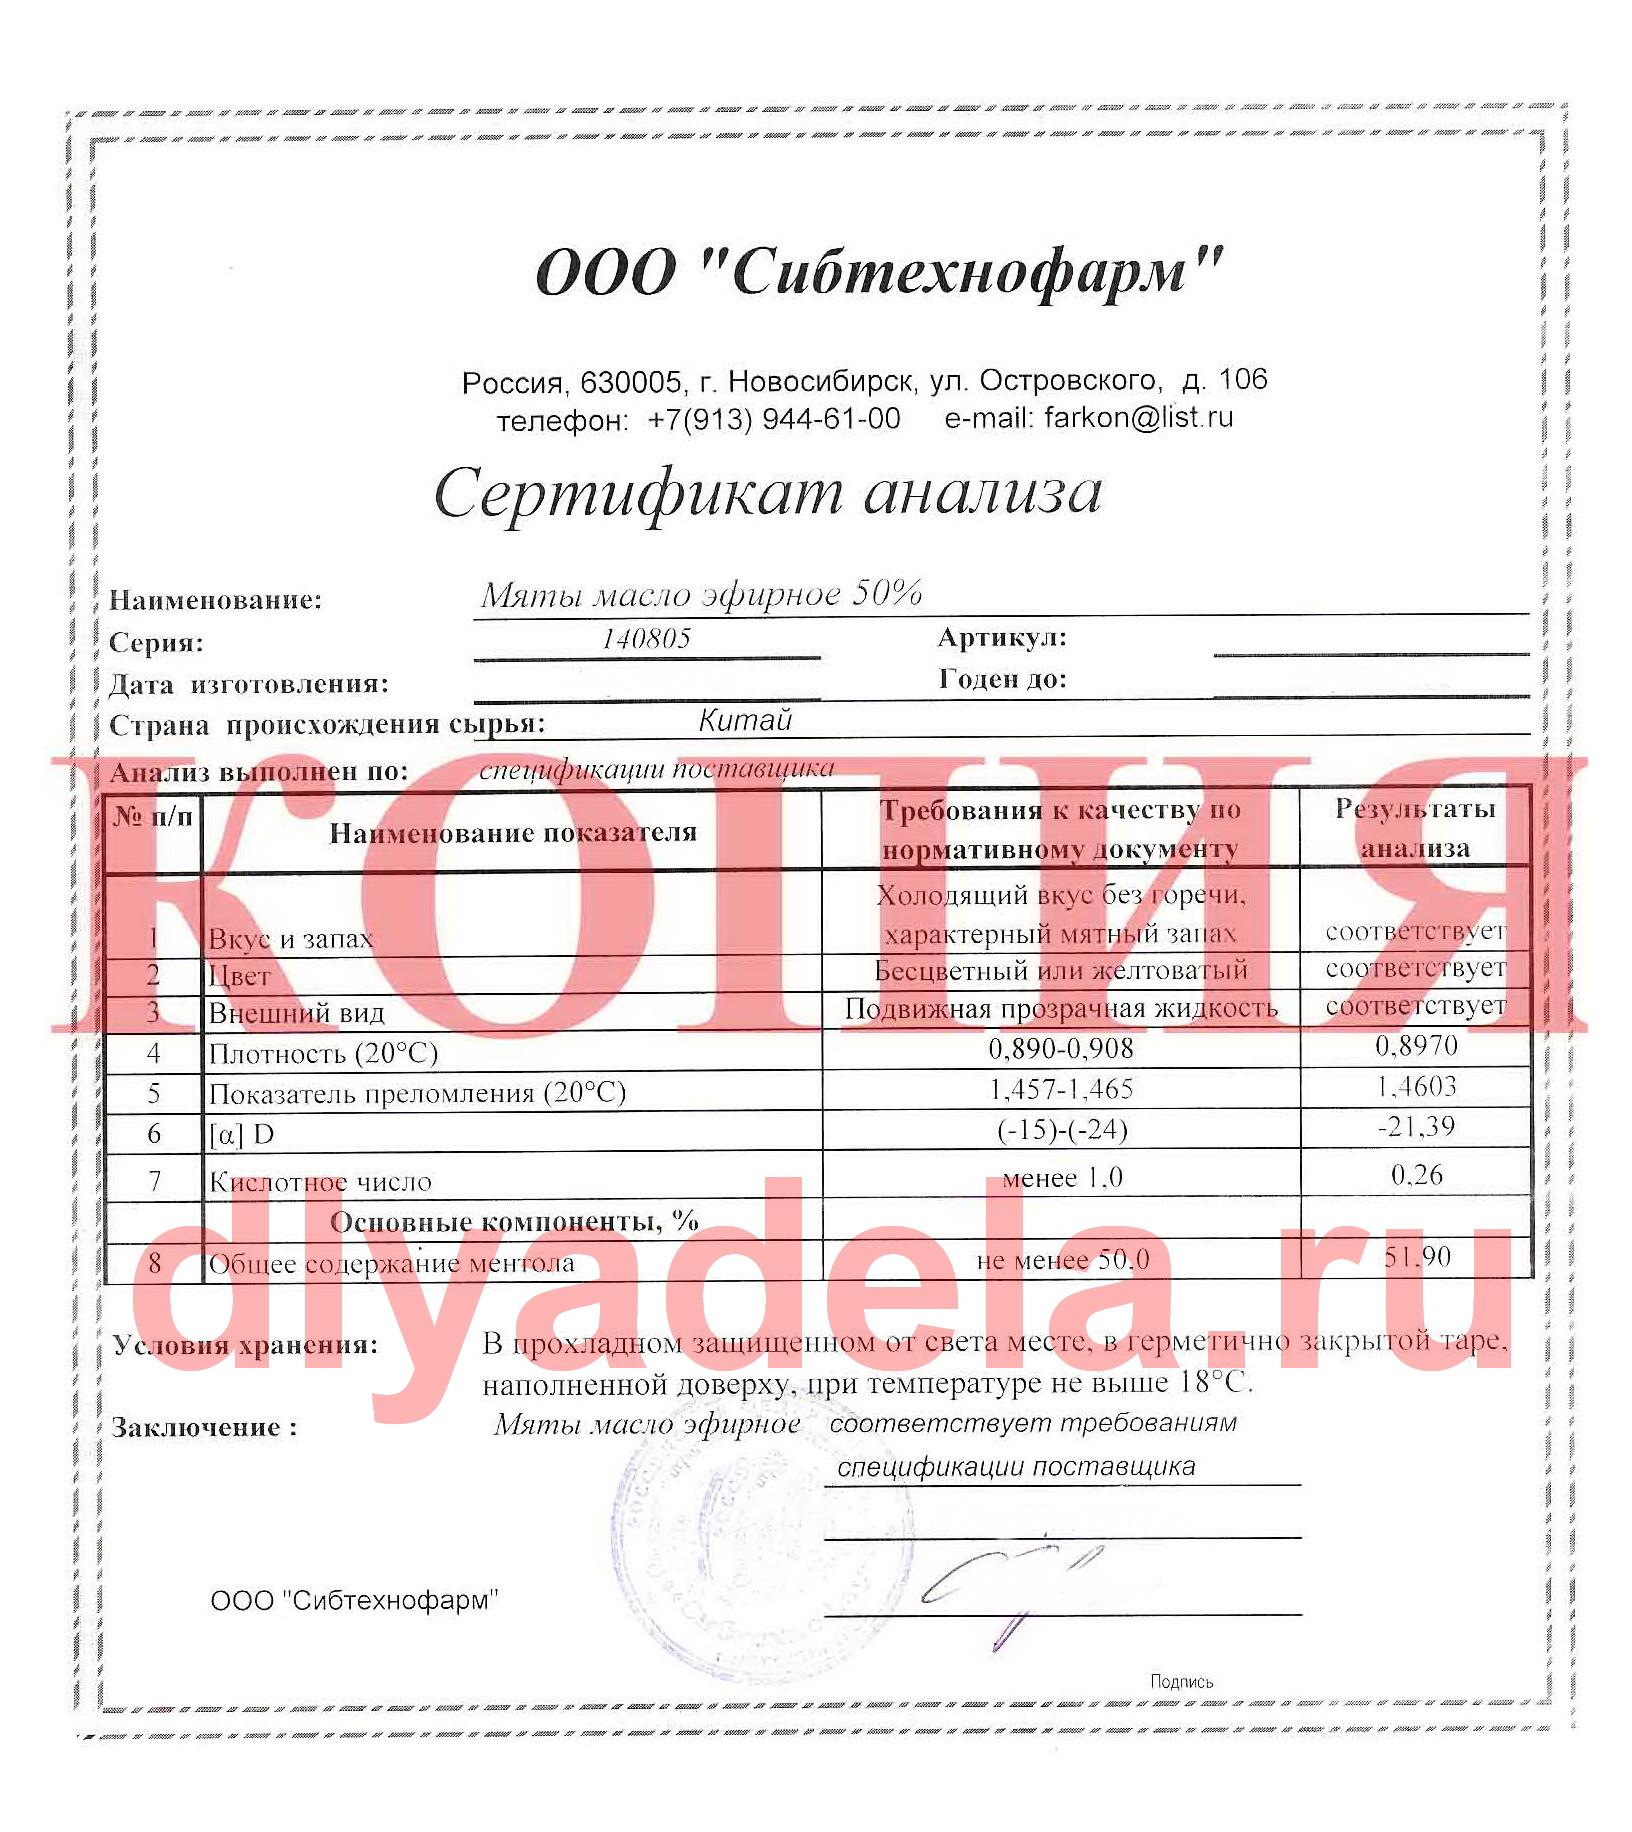 Сертификат анализа эфирного масла мяты